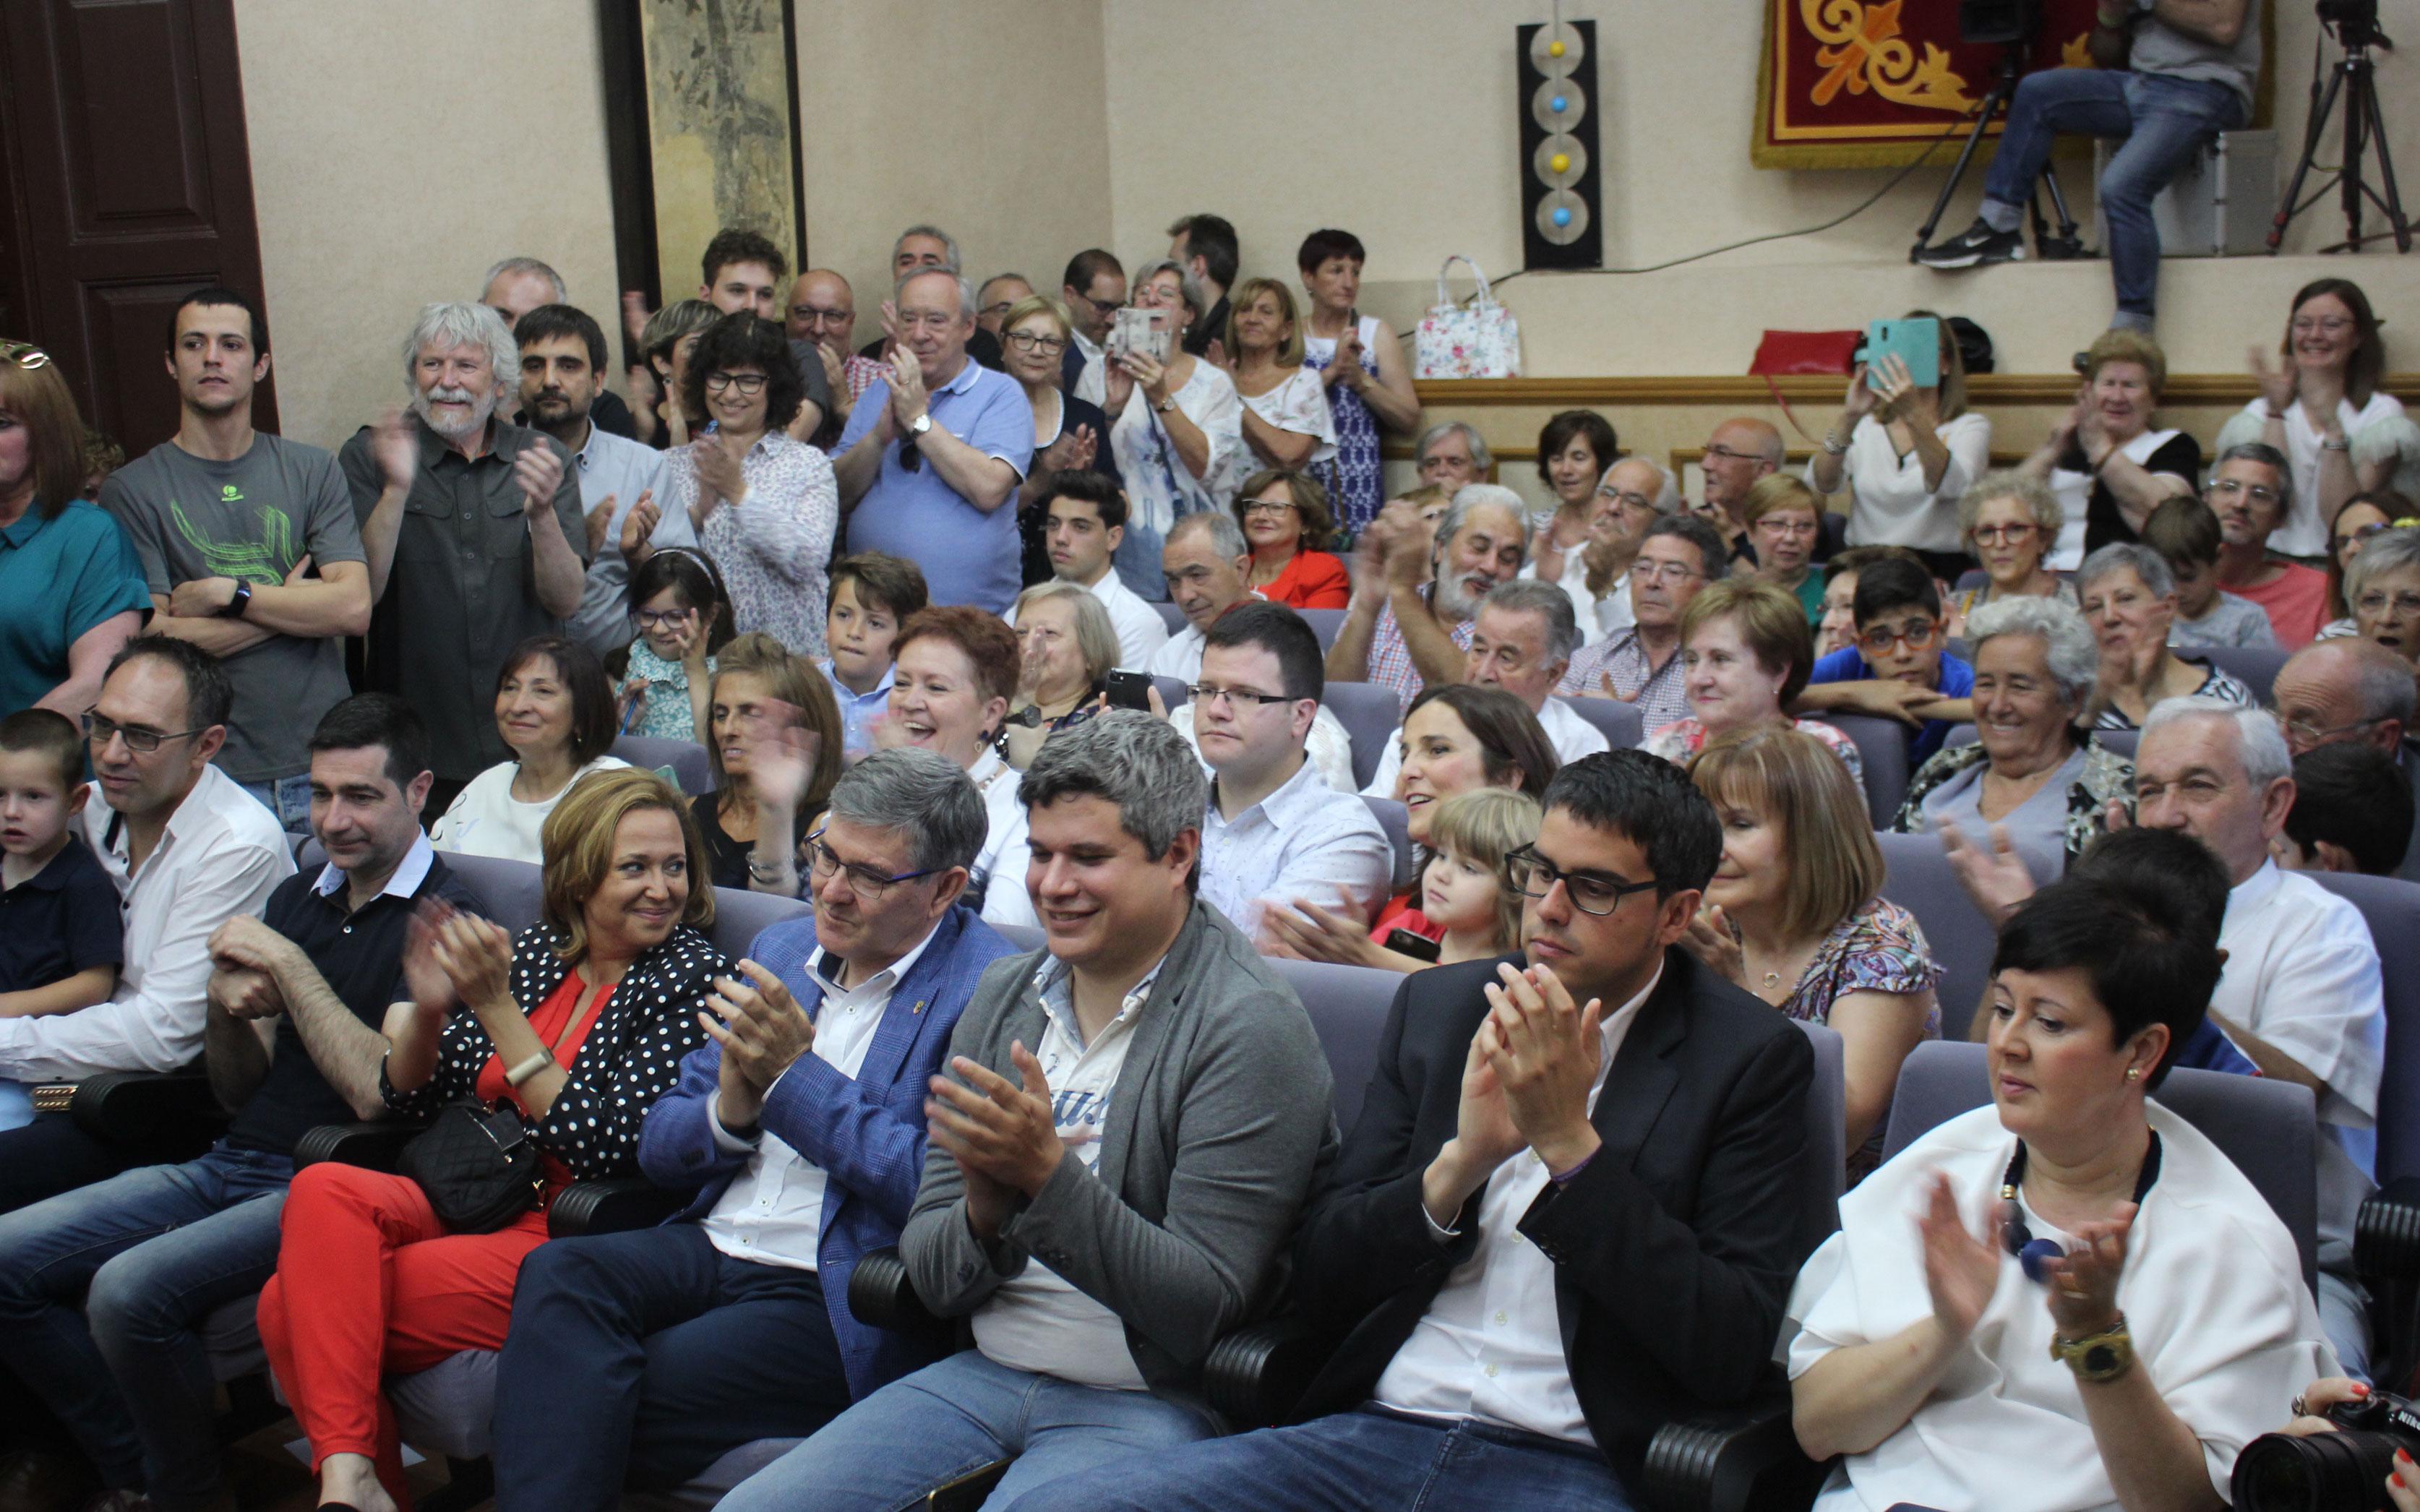 Salón de plenos del ayuntamiento de Alcañiz abarrotado durante la investidura de Ignacio Urquizu